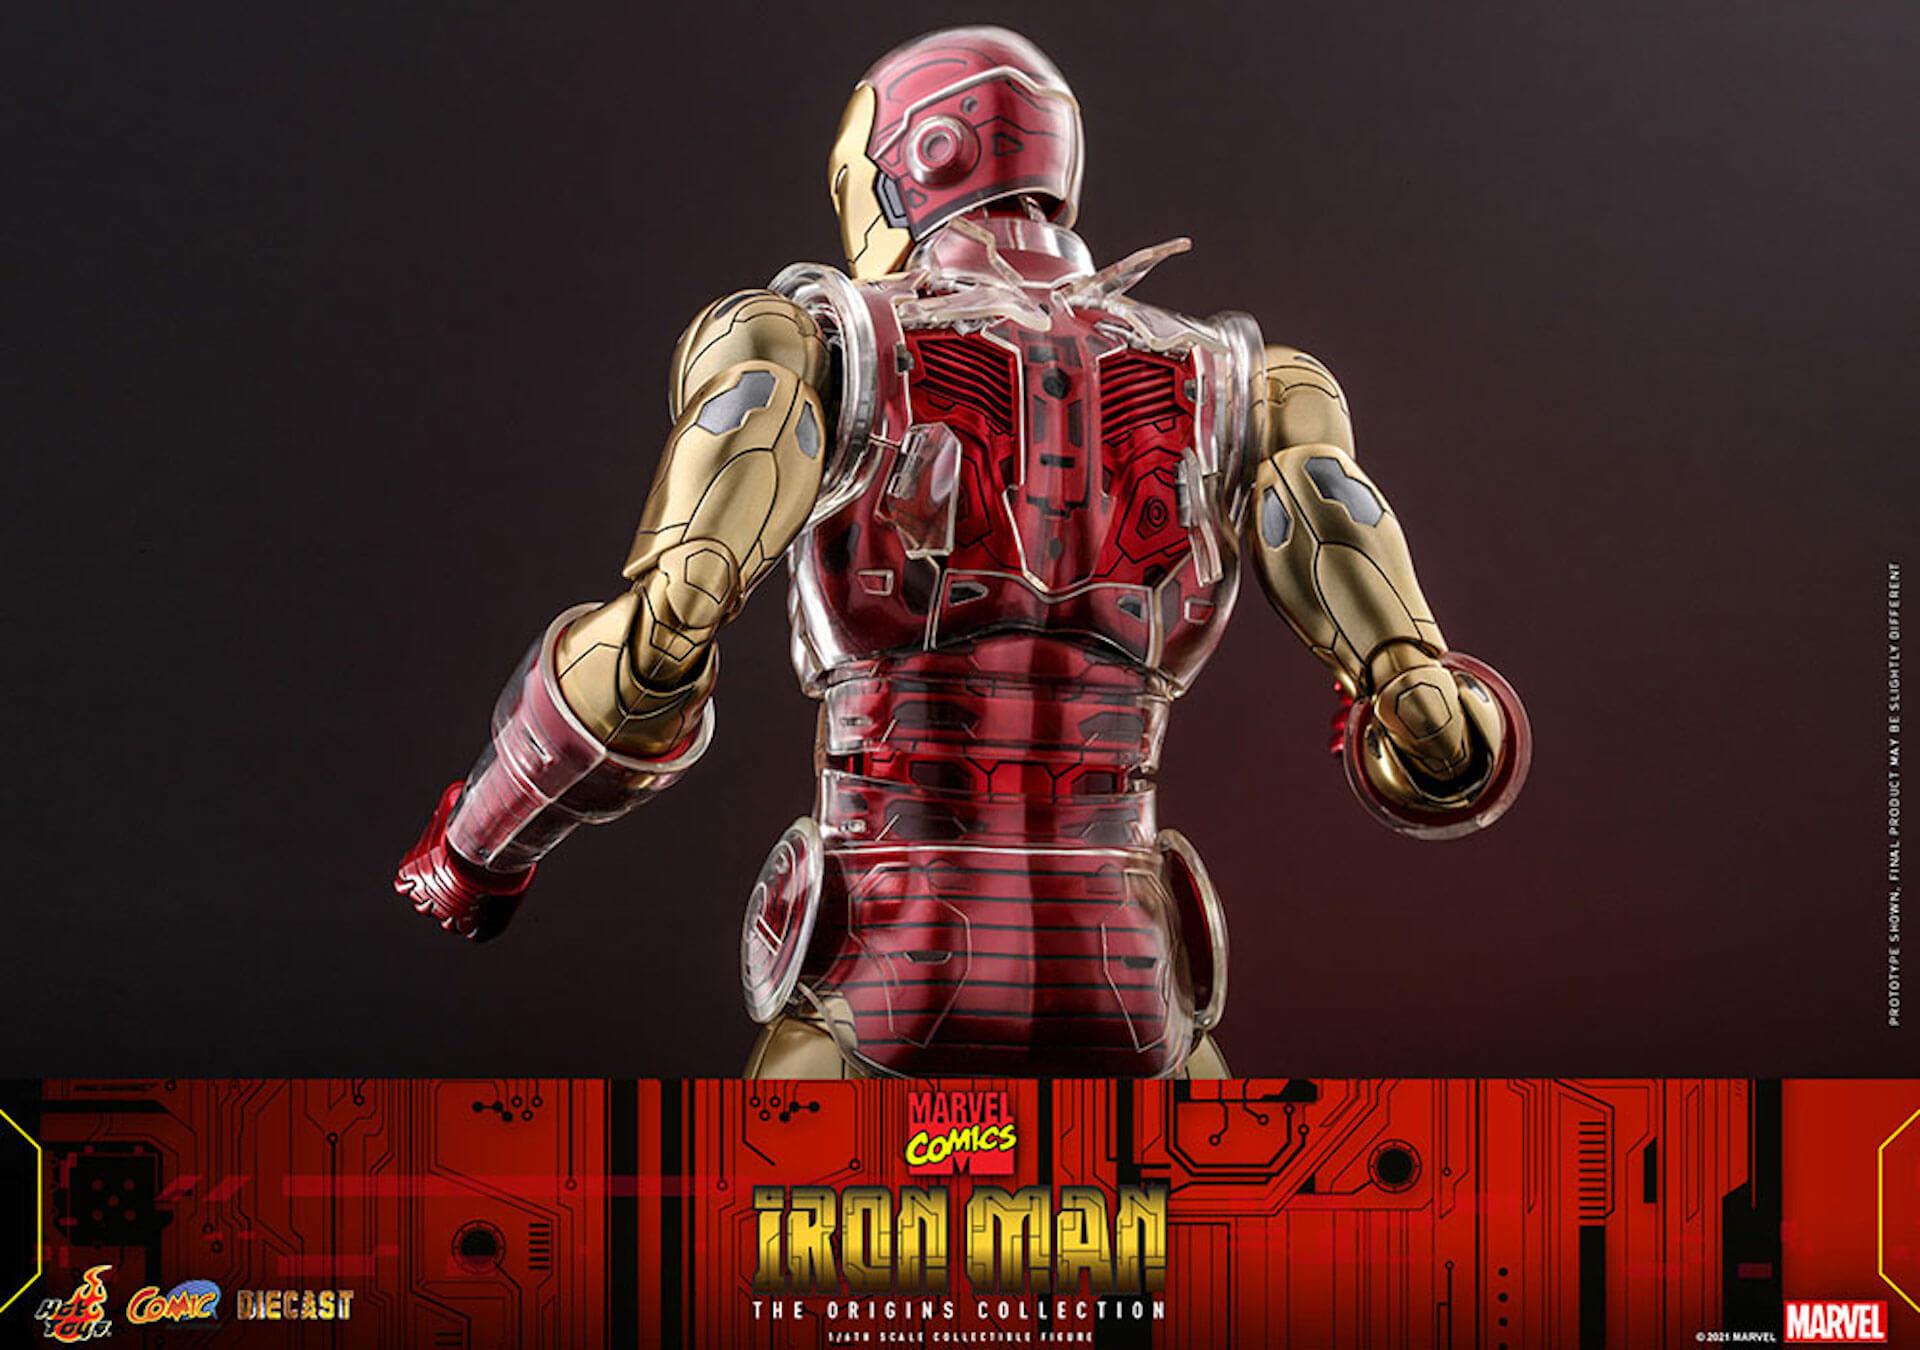 マーベルコミック版のアイアンマンをリアルに再現!ホットトイズ「コミック・マスターピース DIECAST」に登場 art210414_ironman_hottoys_9